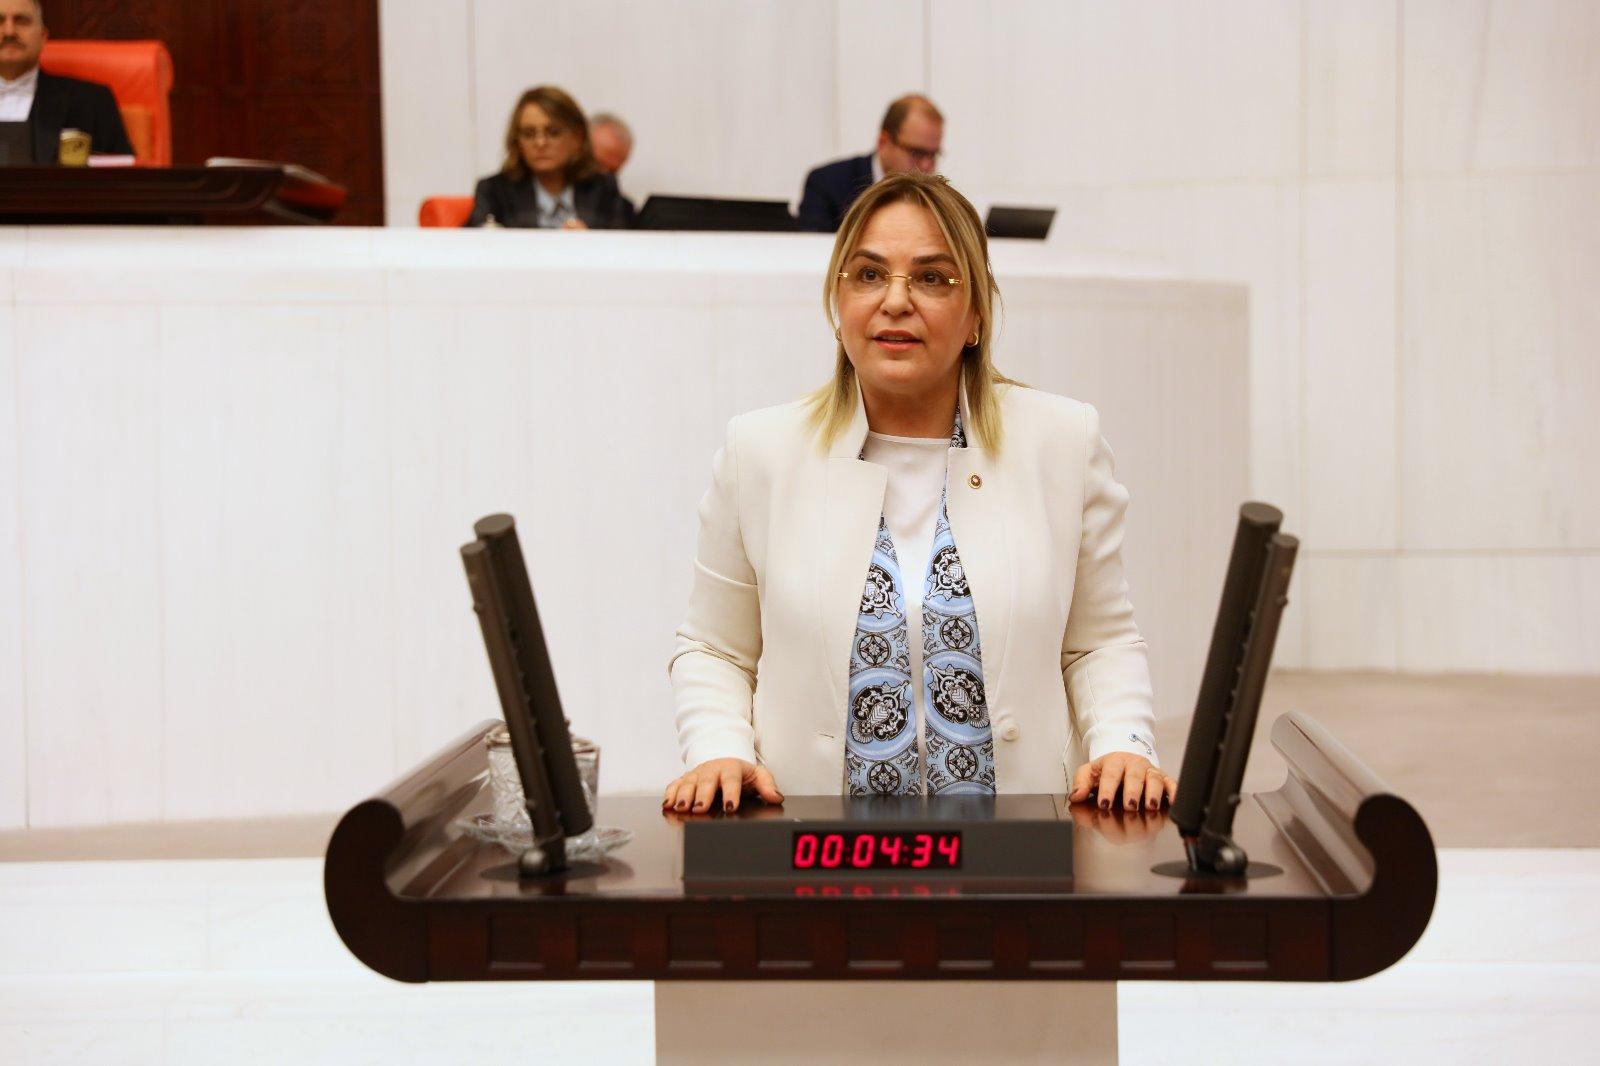 """CHP Samsun Milletvekili Neslihan HANCIOĞLU TBMM'de konuştu: """"Sahipsizliğin nasıl bir şey olduğunu Vezirköprü ilçemize gidin, gözlerinizle göreceksiniz."""""""